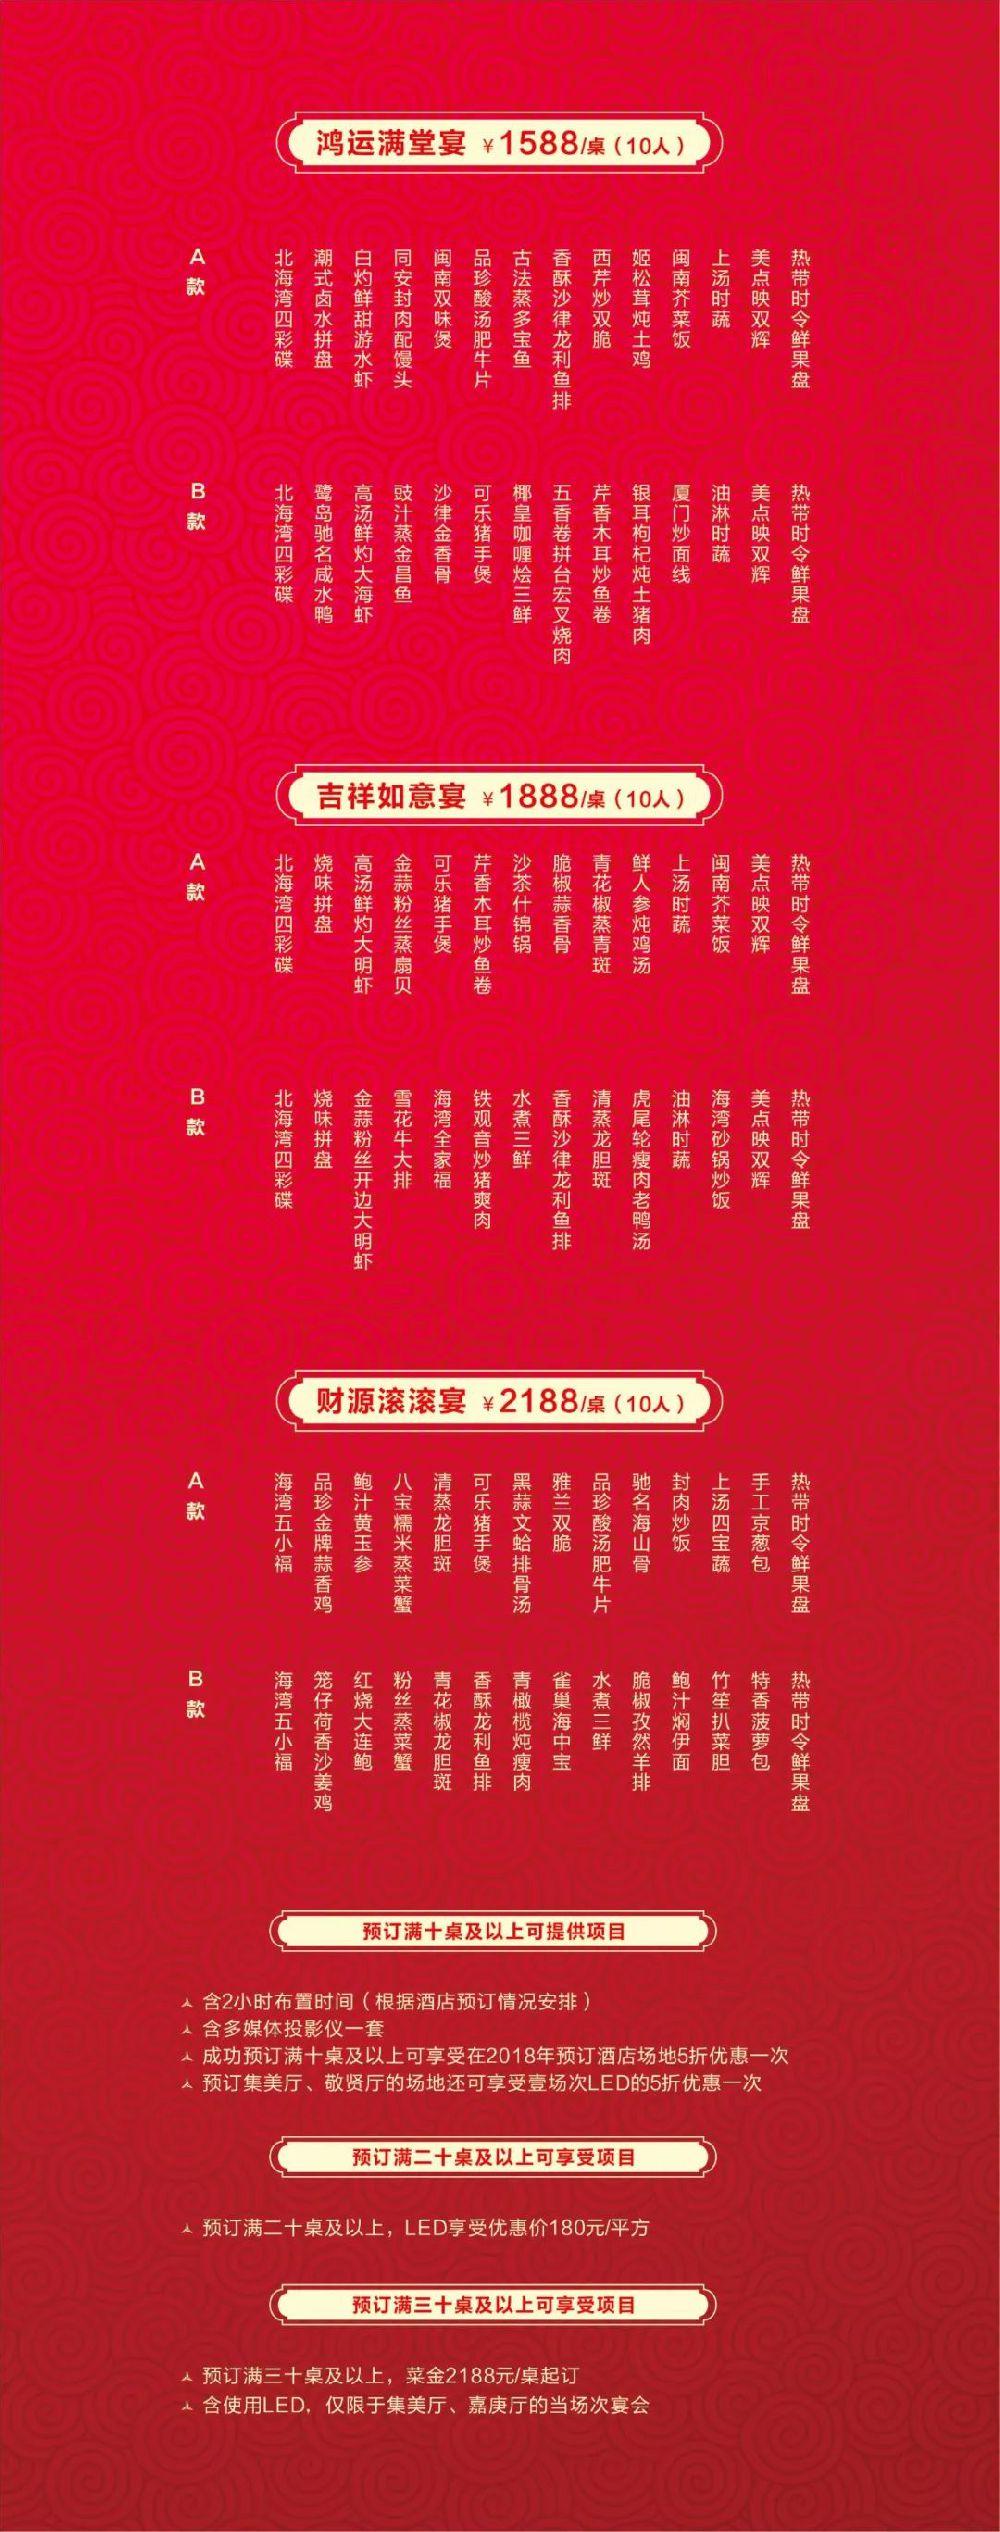 2019厦门北海湾惠龙万达嘉华酒店